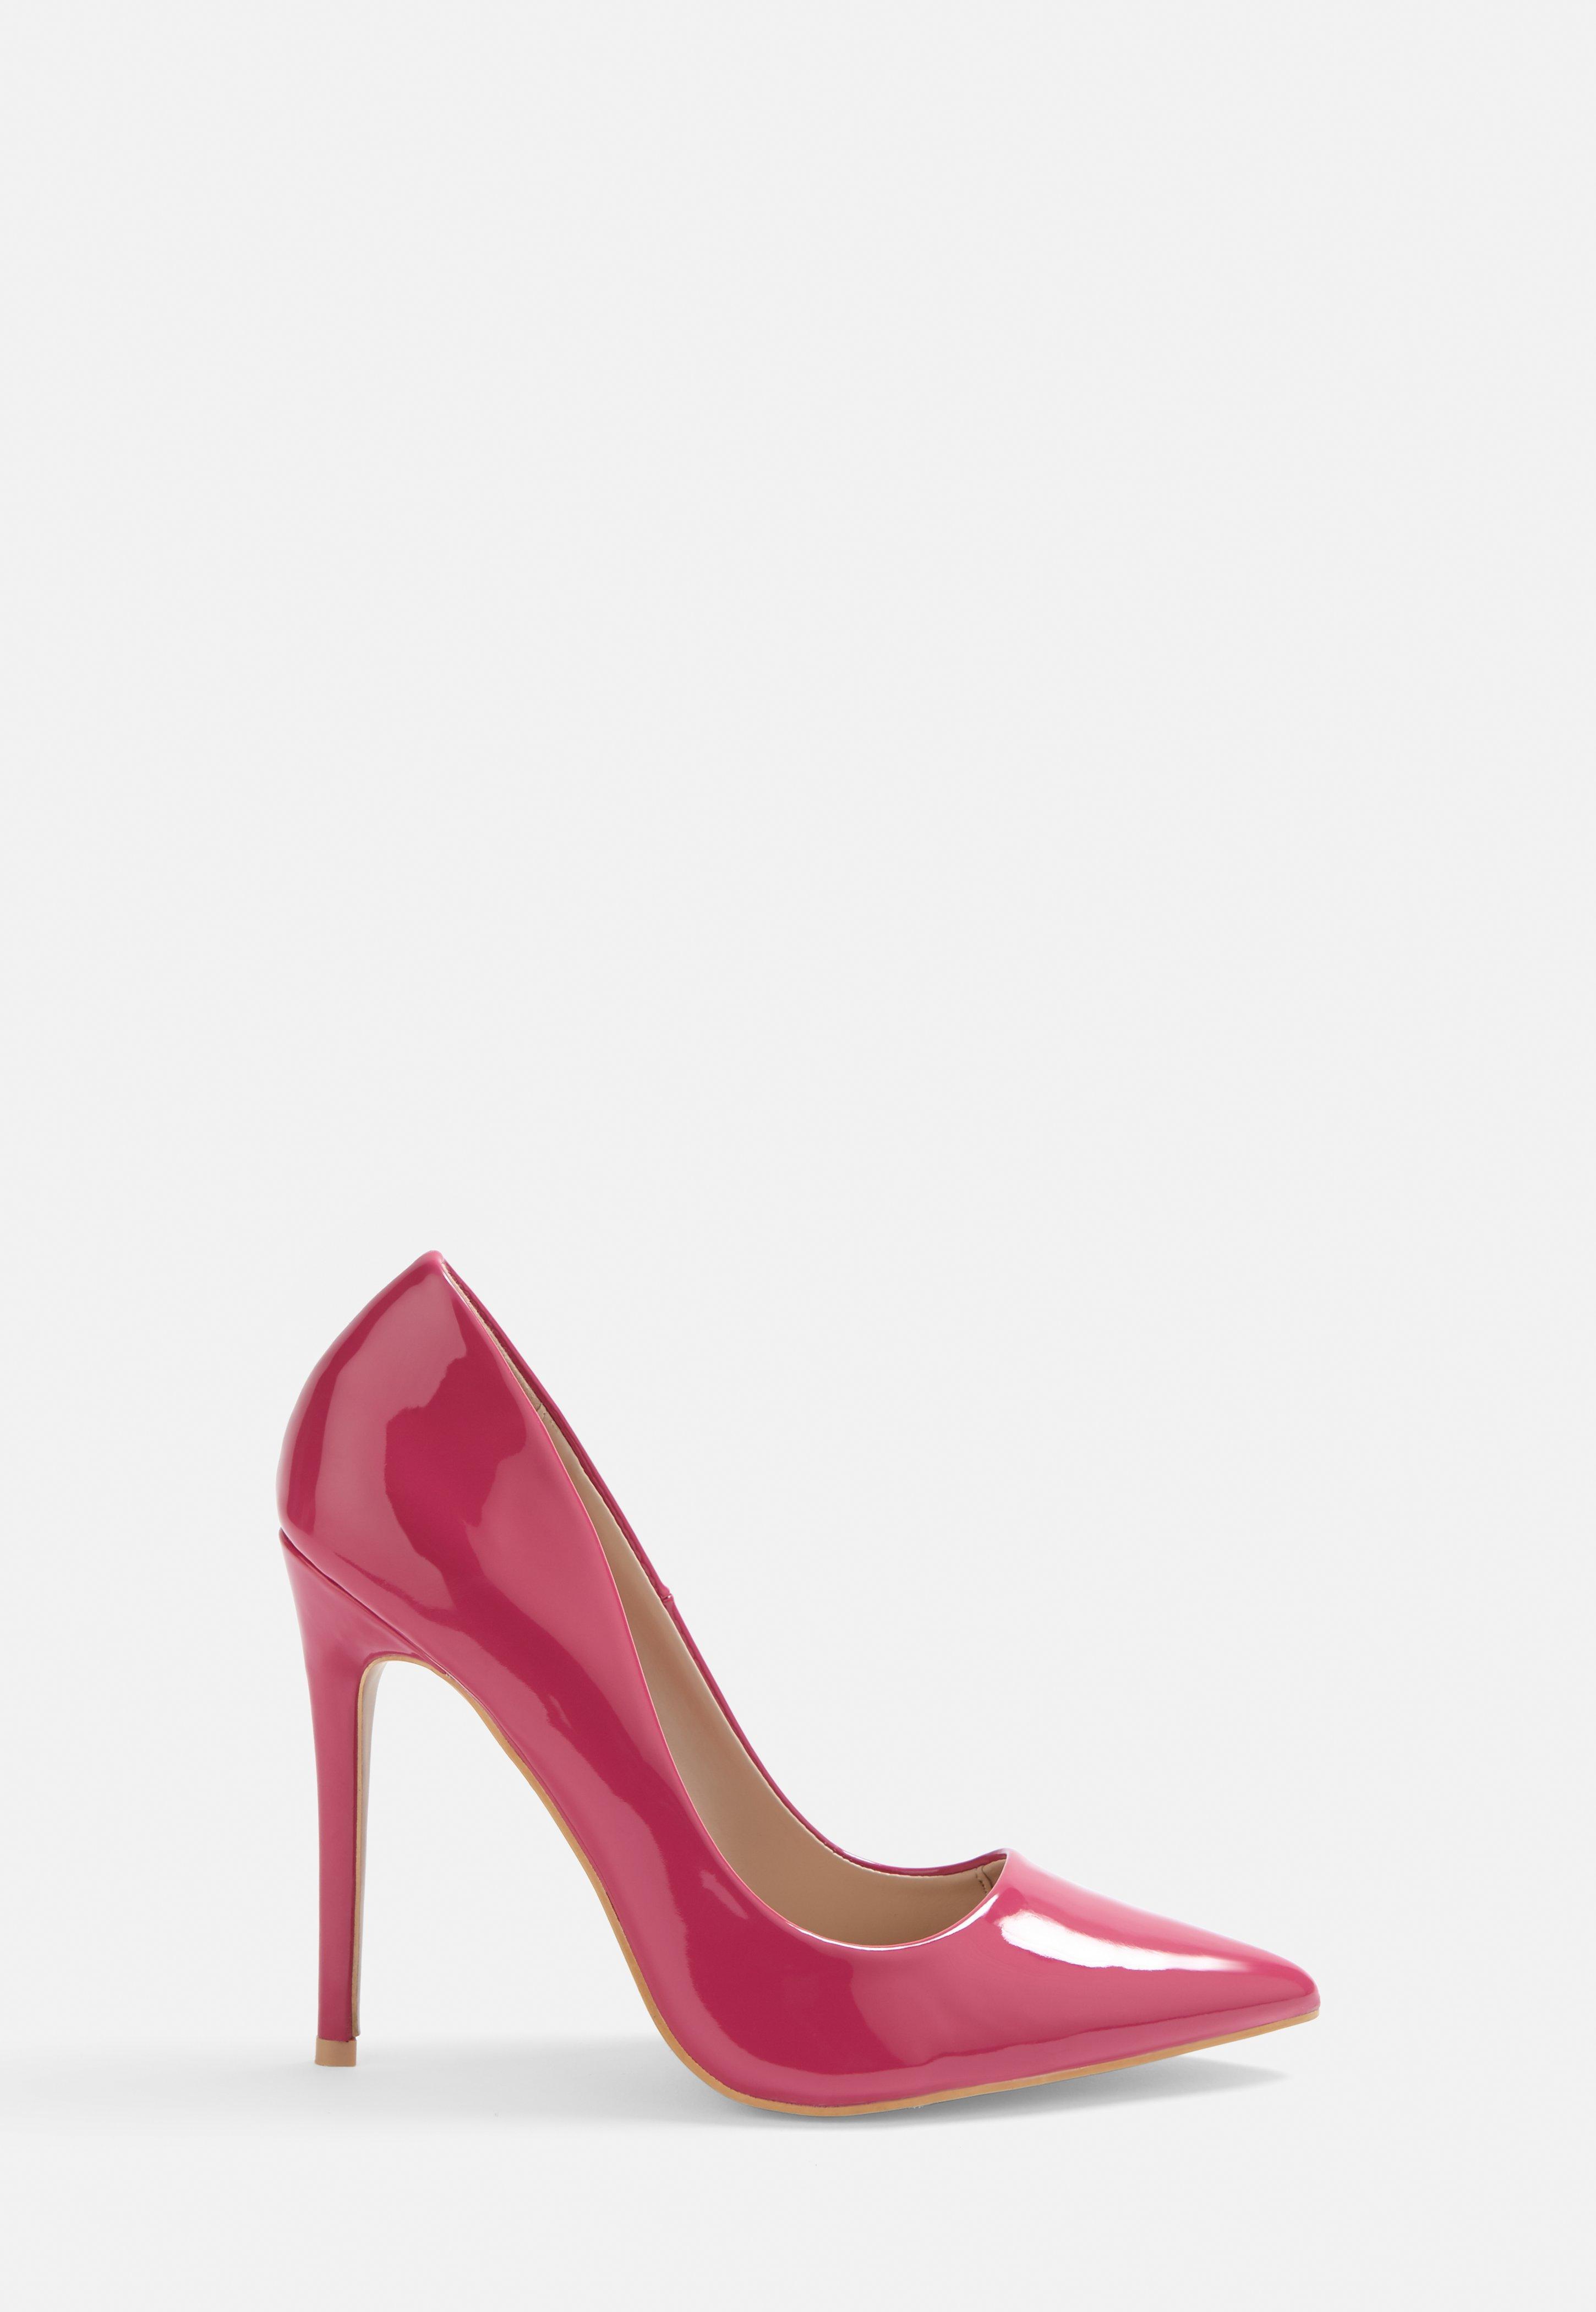 e1e1999f642e64 High Heels